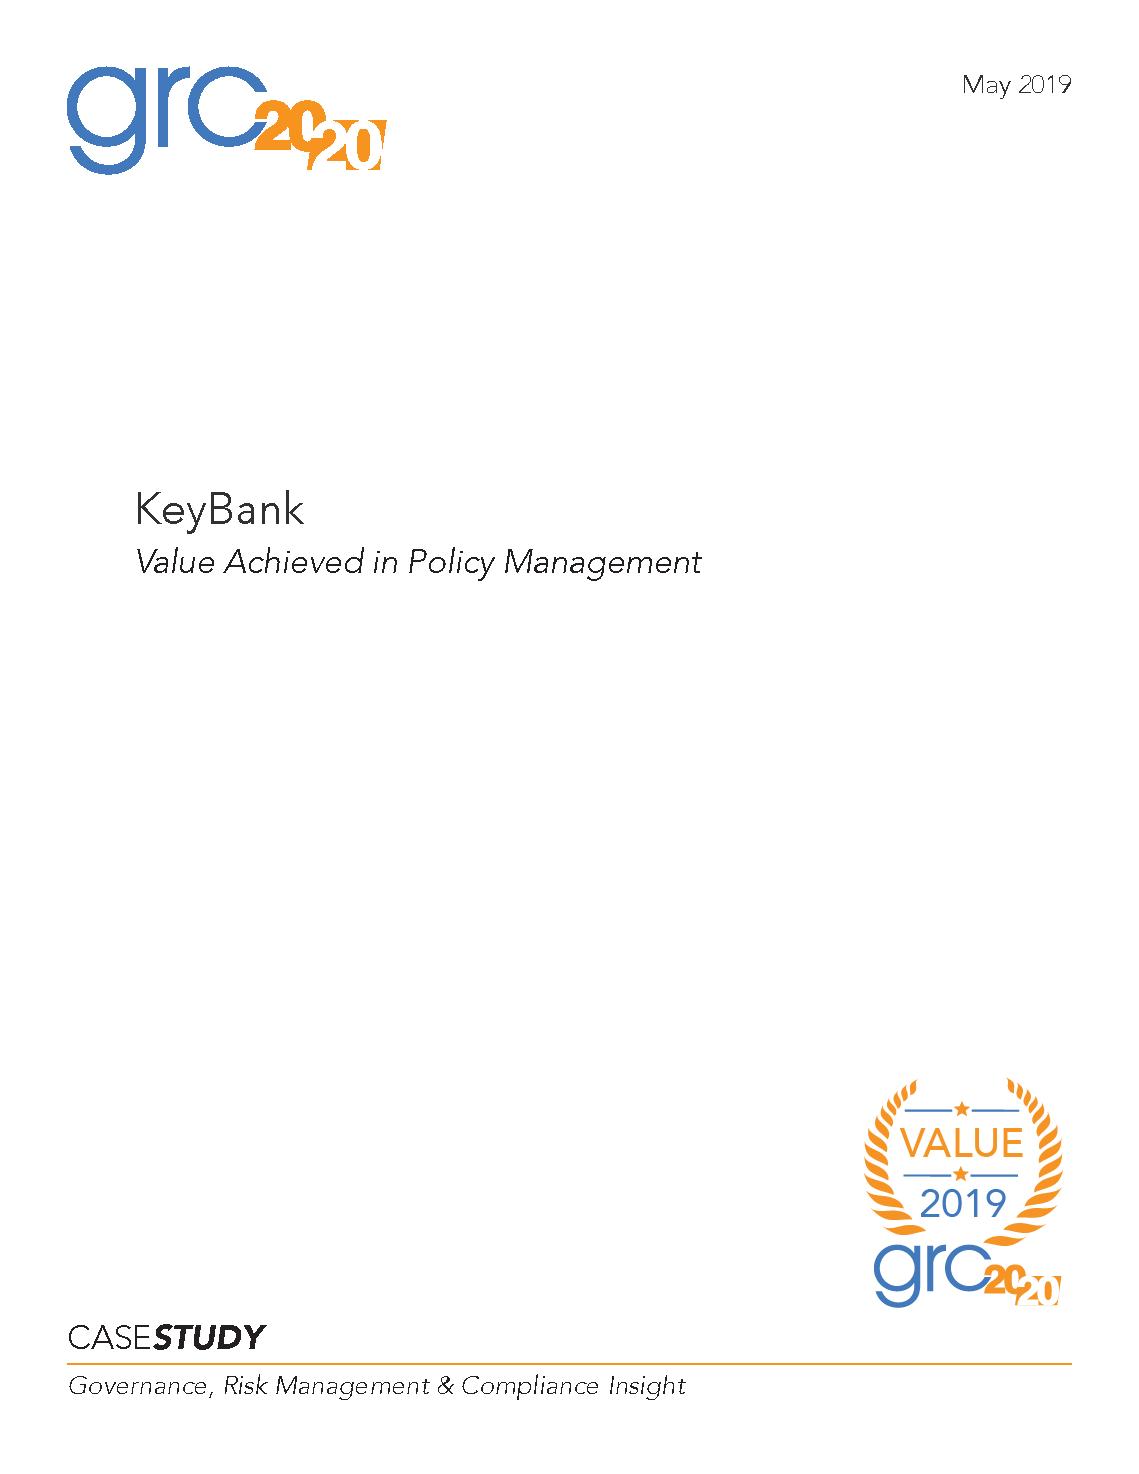 KeyBank – GRC 20/20 Research, LLC